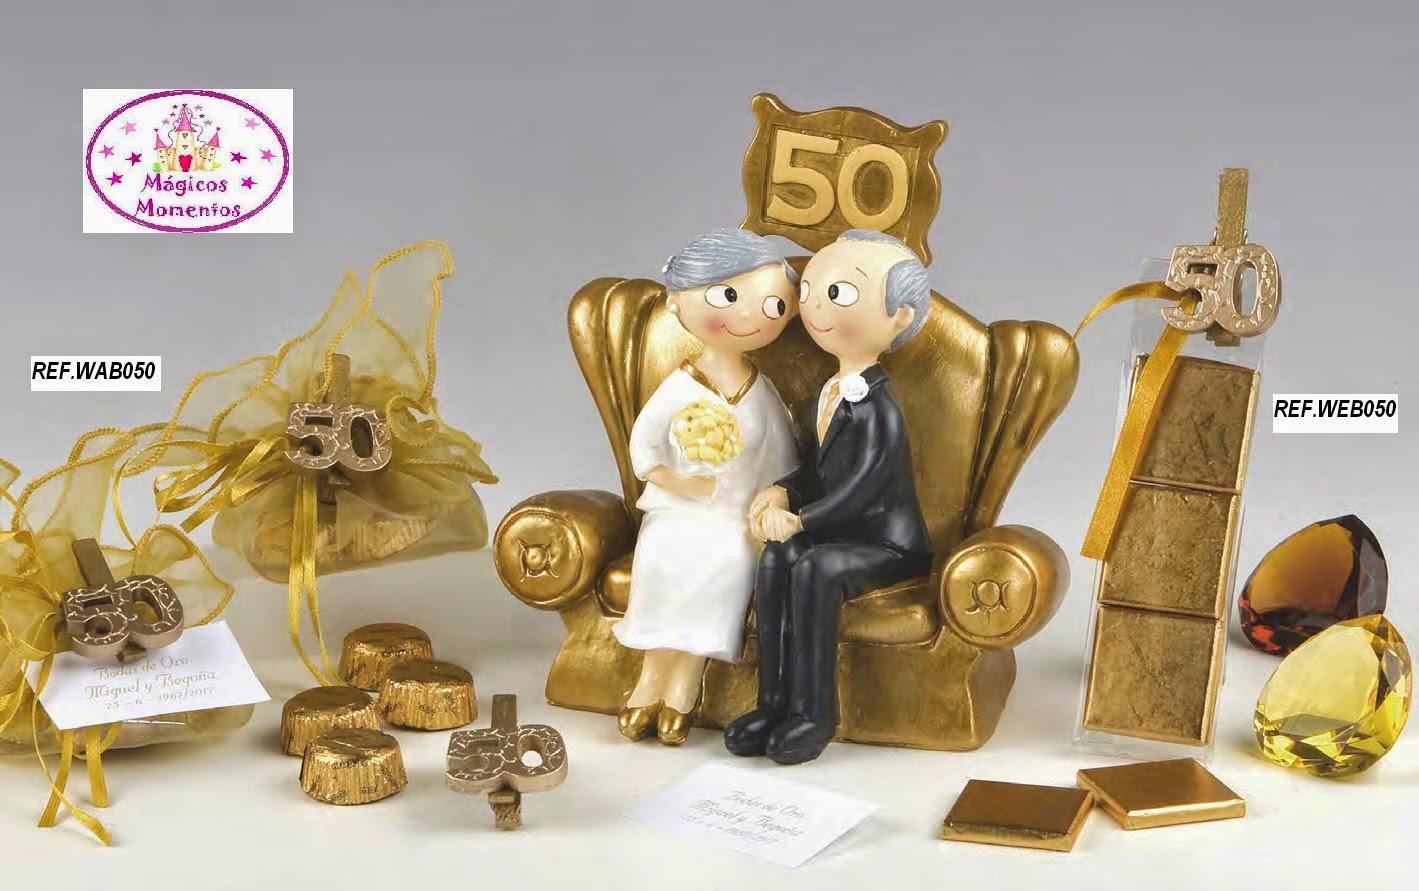 Regalos magicos momentos bodas de oro 50 aniversario - El corte ingles regalos de boda ...